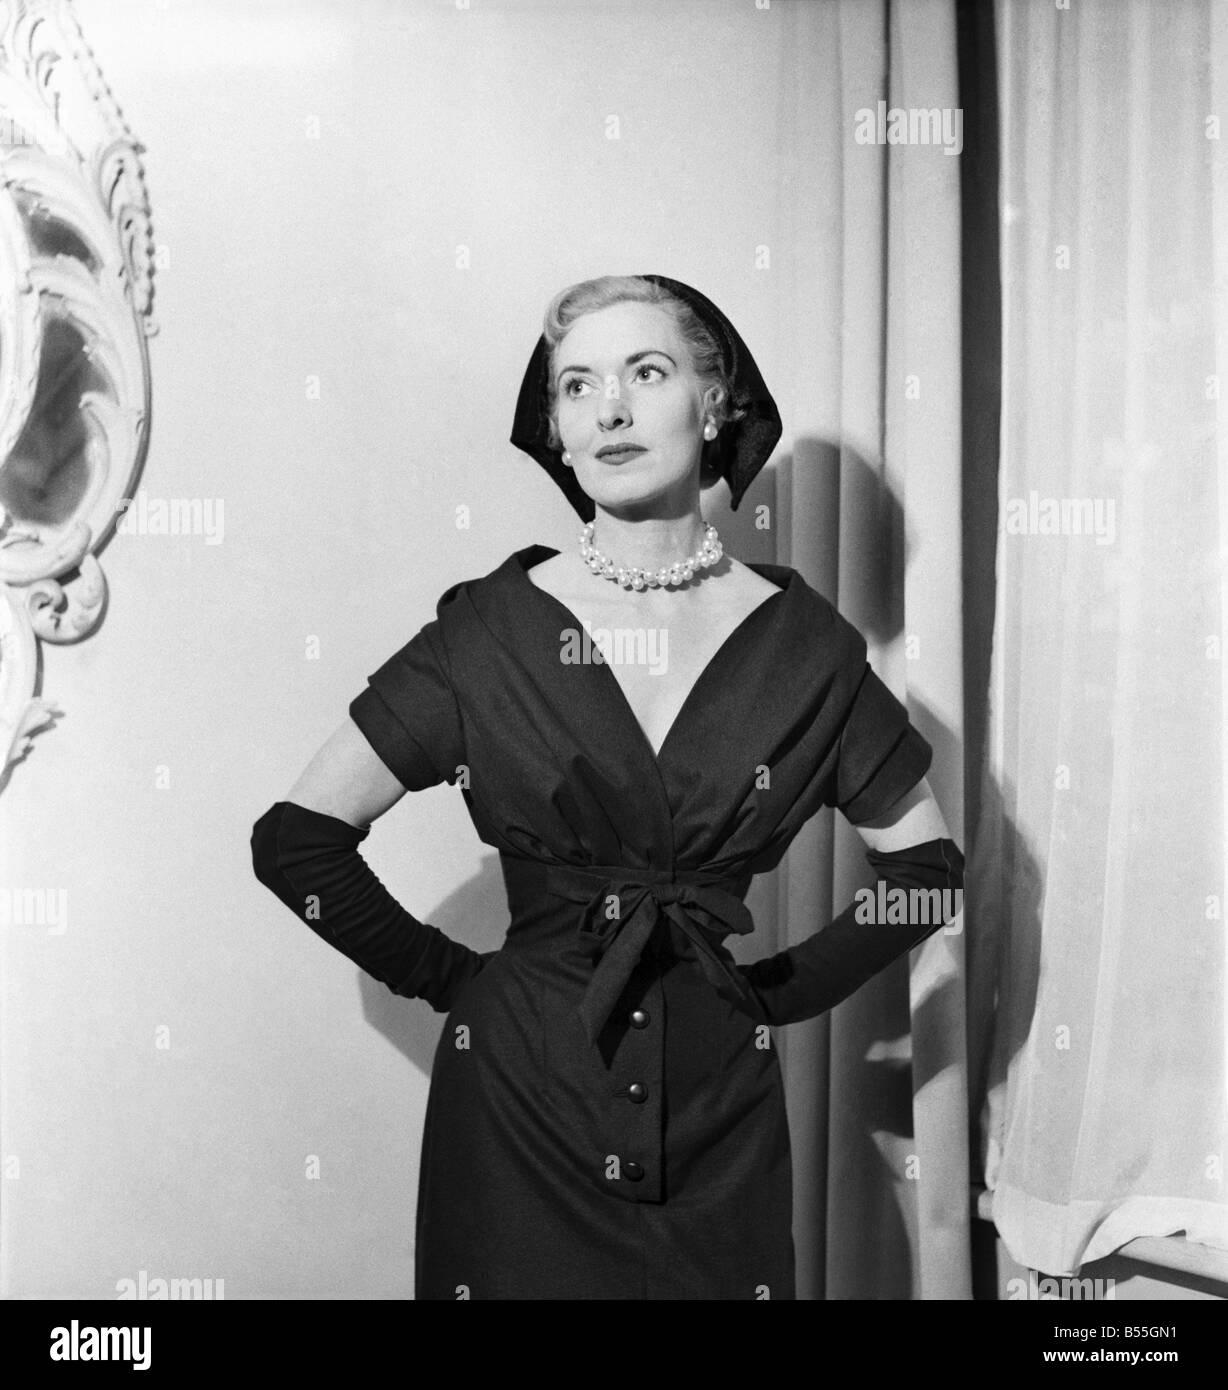 Christian Dior de Londres a montré une collection de costumes, manteaux et  dressess à Maddox-st., W.1. Décembre 1953 9f53fa5d1e7